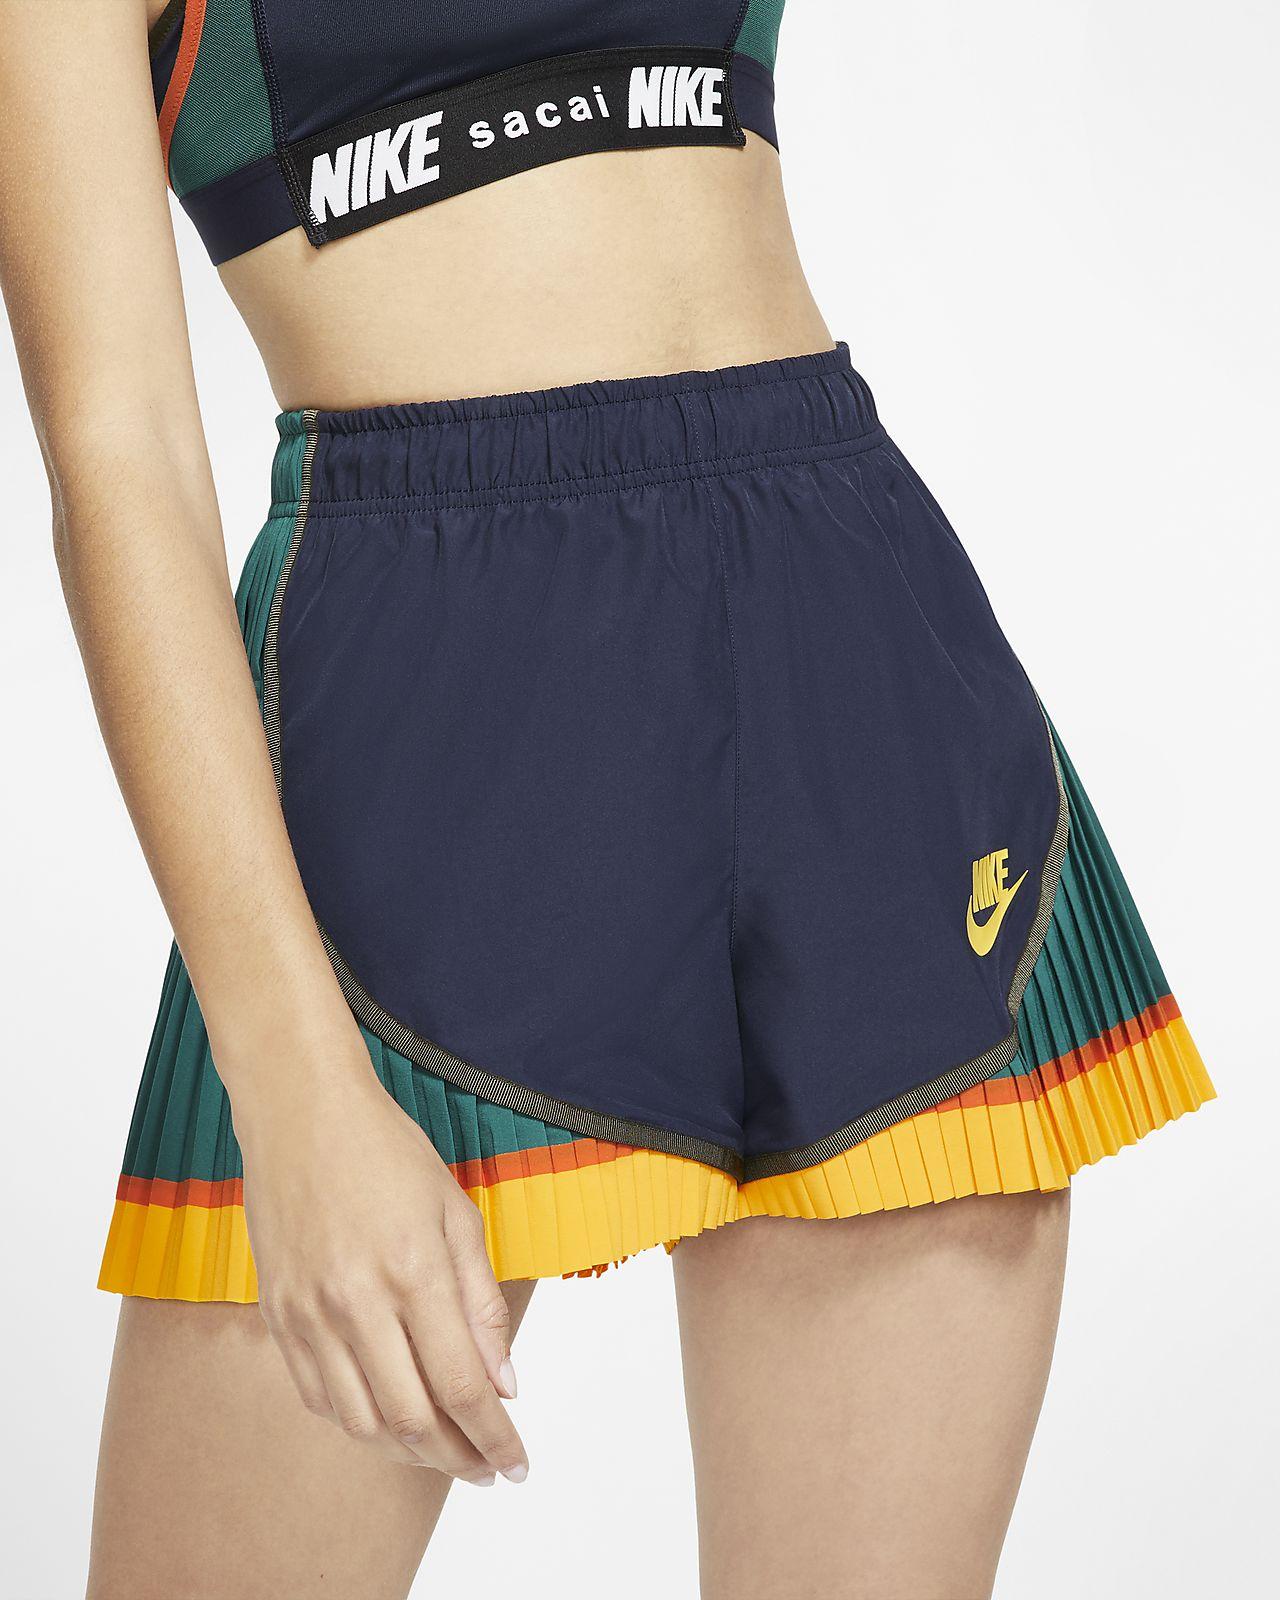 Nike x Sacai Pantalón corto plisado Tempo - Mujer